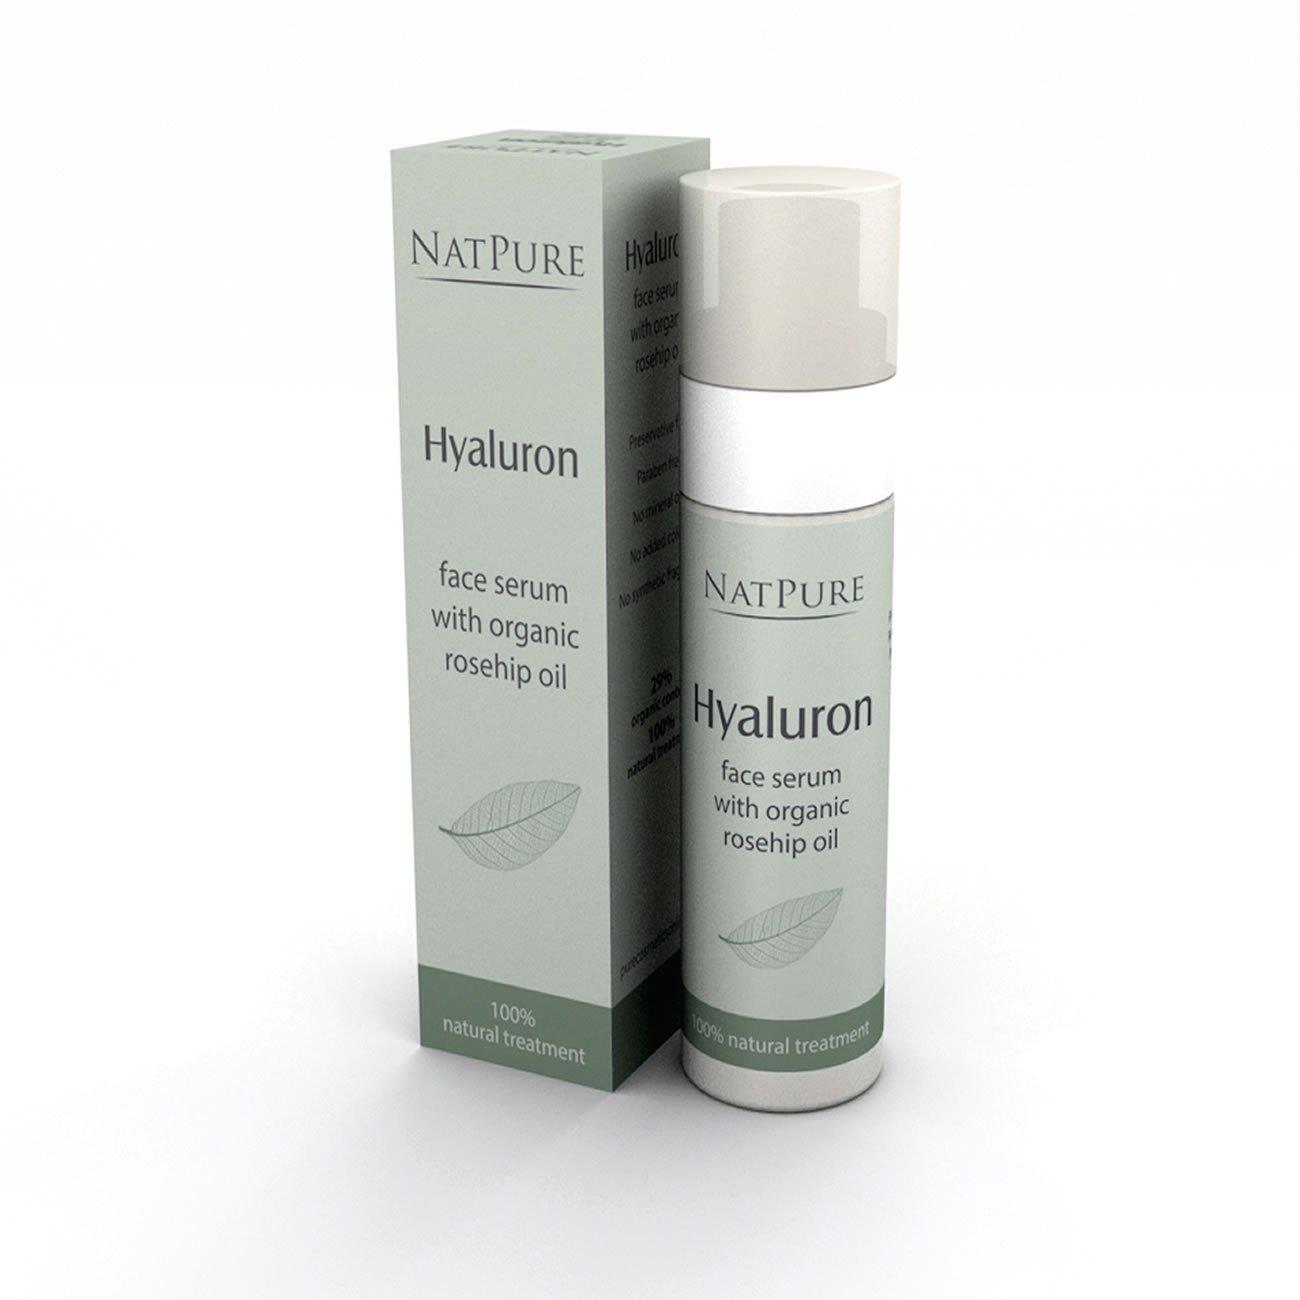 NatPure 100% Natural facial serum Suero de cara al natural con ácido hialurónico y aceite de escaramujo biológico: Amazon.es: Belleza